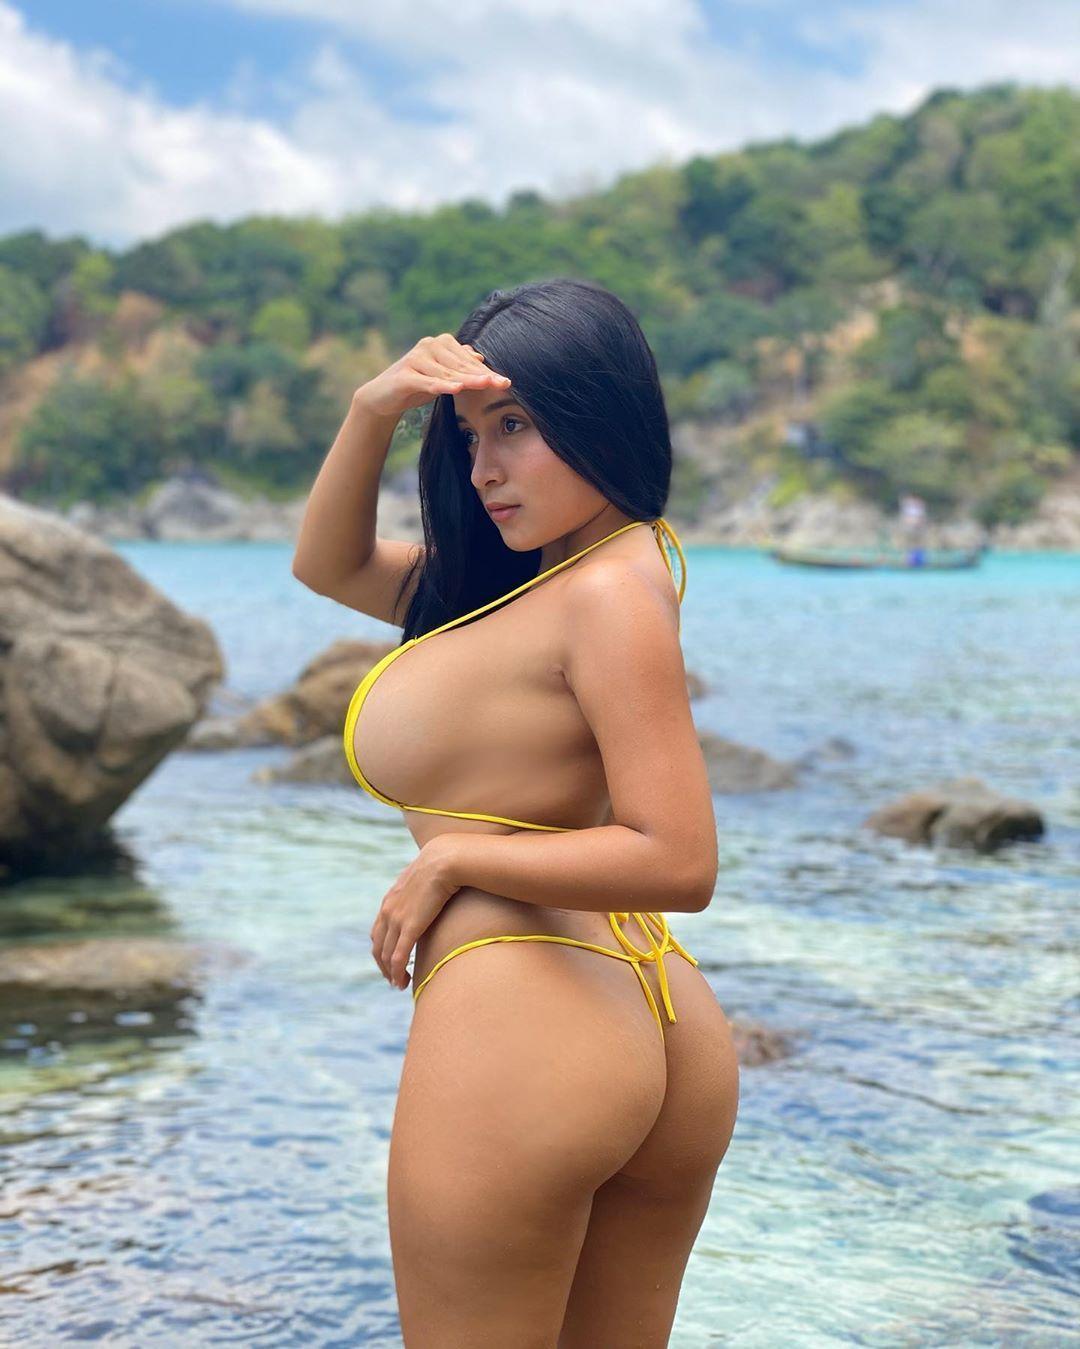 图片[19]-lu福利亚洲乳神菲律宾混血儿美女的魔鬼身材美女图片-福利巴士